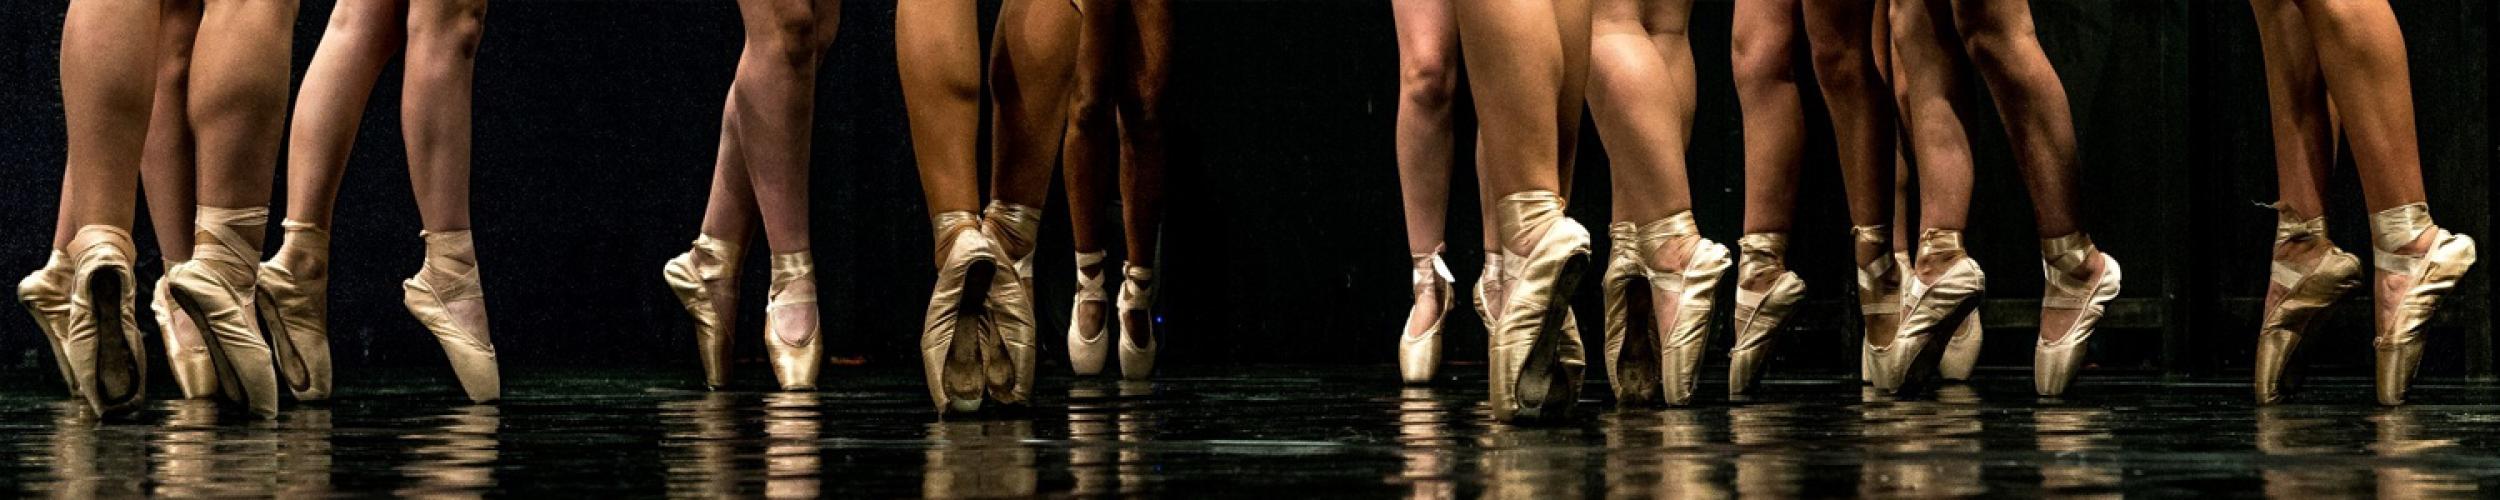 Dansen geeft je energie. Dansen ontspant je. In dansen kan je je verhaal kwijt. Schrijf je dan ook snel in